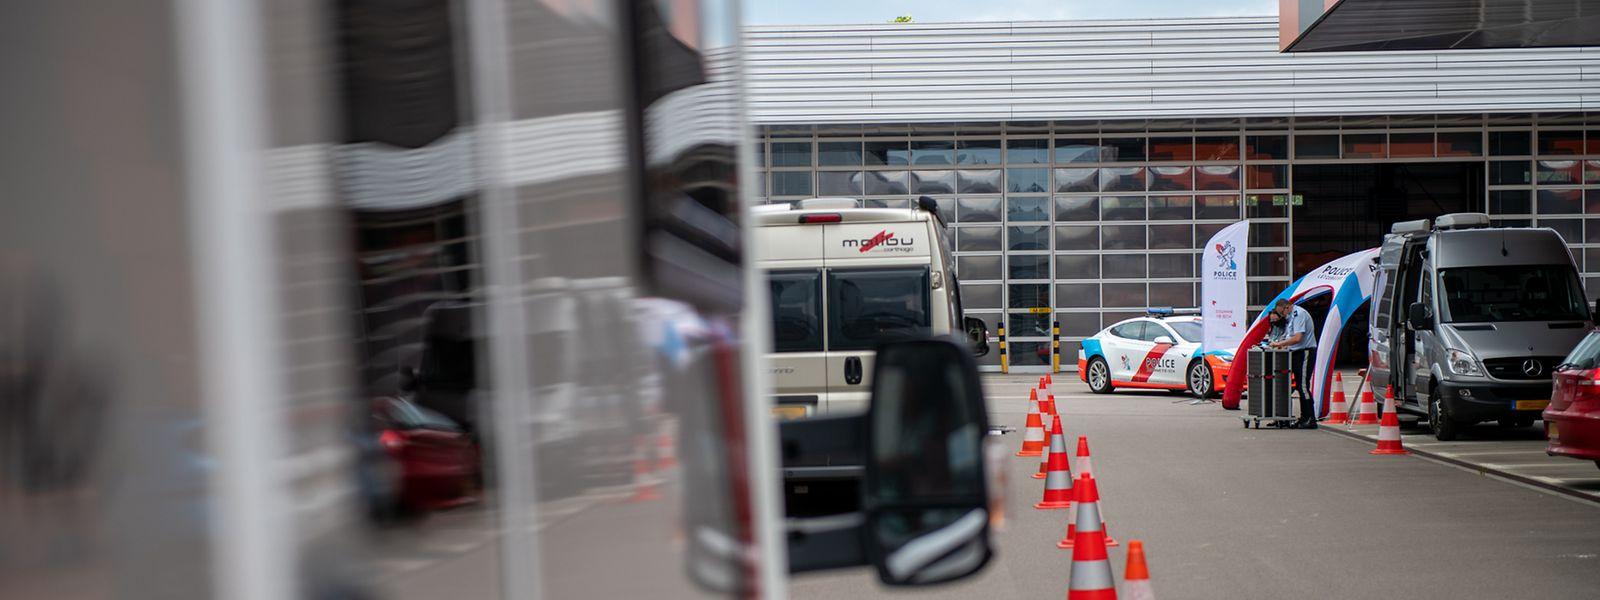 Die Besitzer von Wohnwagen oder Wohnmobilen konnten am Freitag kostenlos ihre Fahrzeuge kontrollieren lassen.